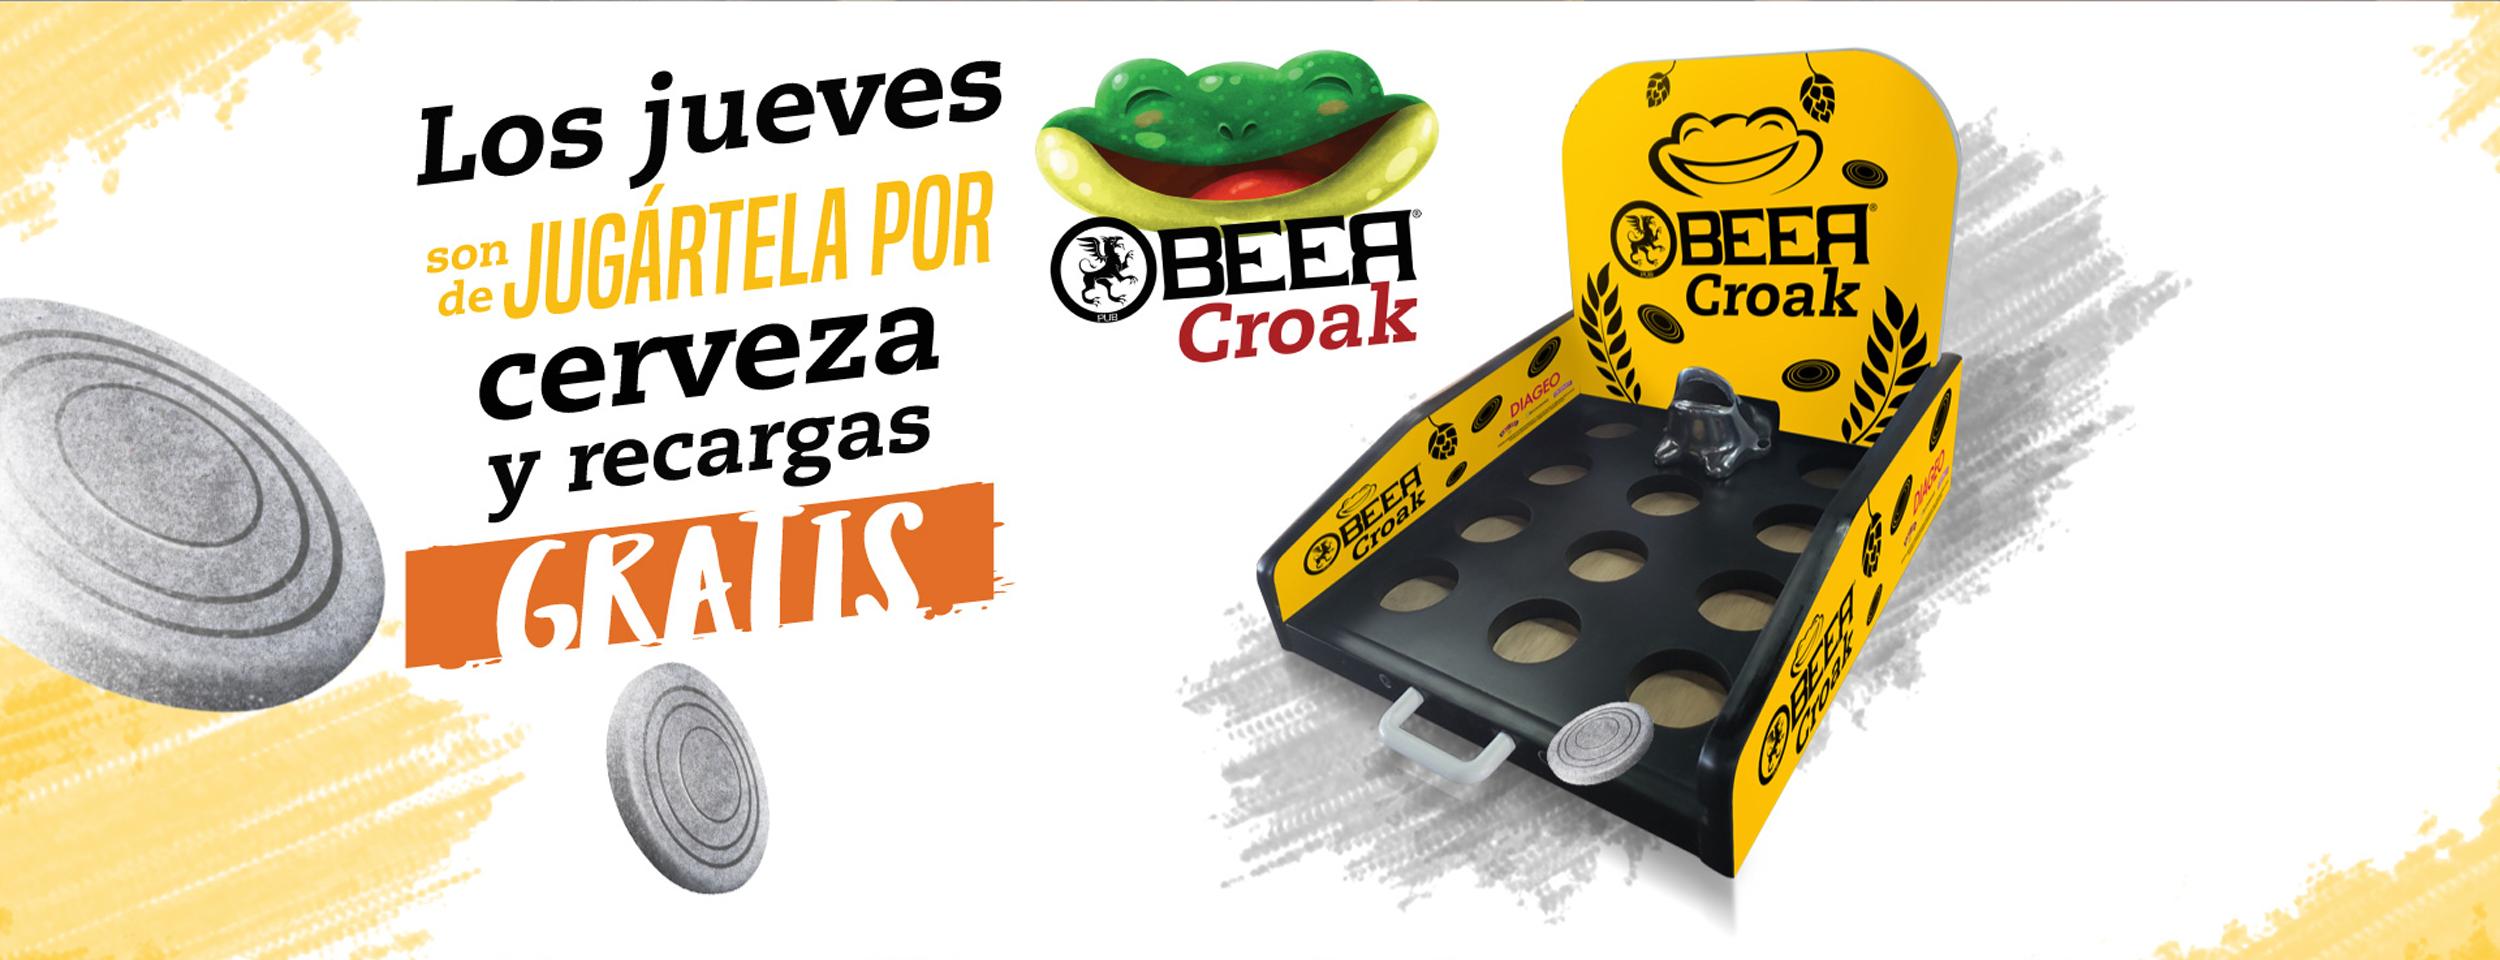 juegos-de-la-sed---cerveza-gratis.png